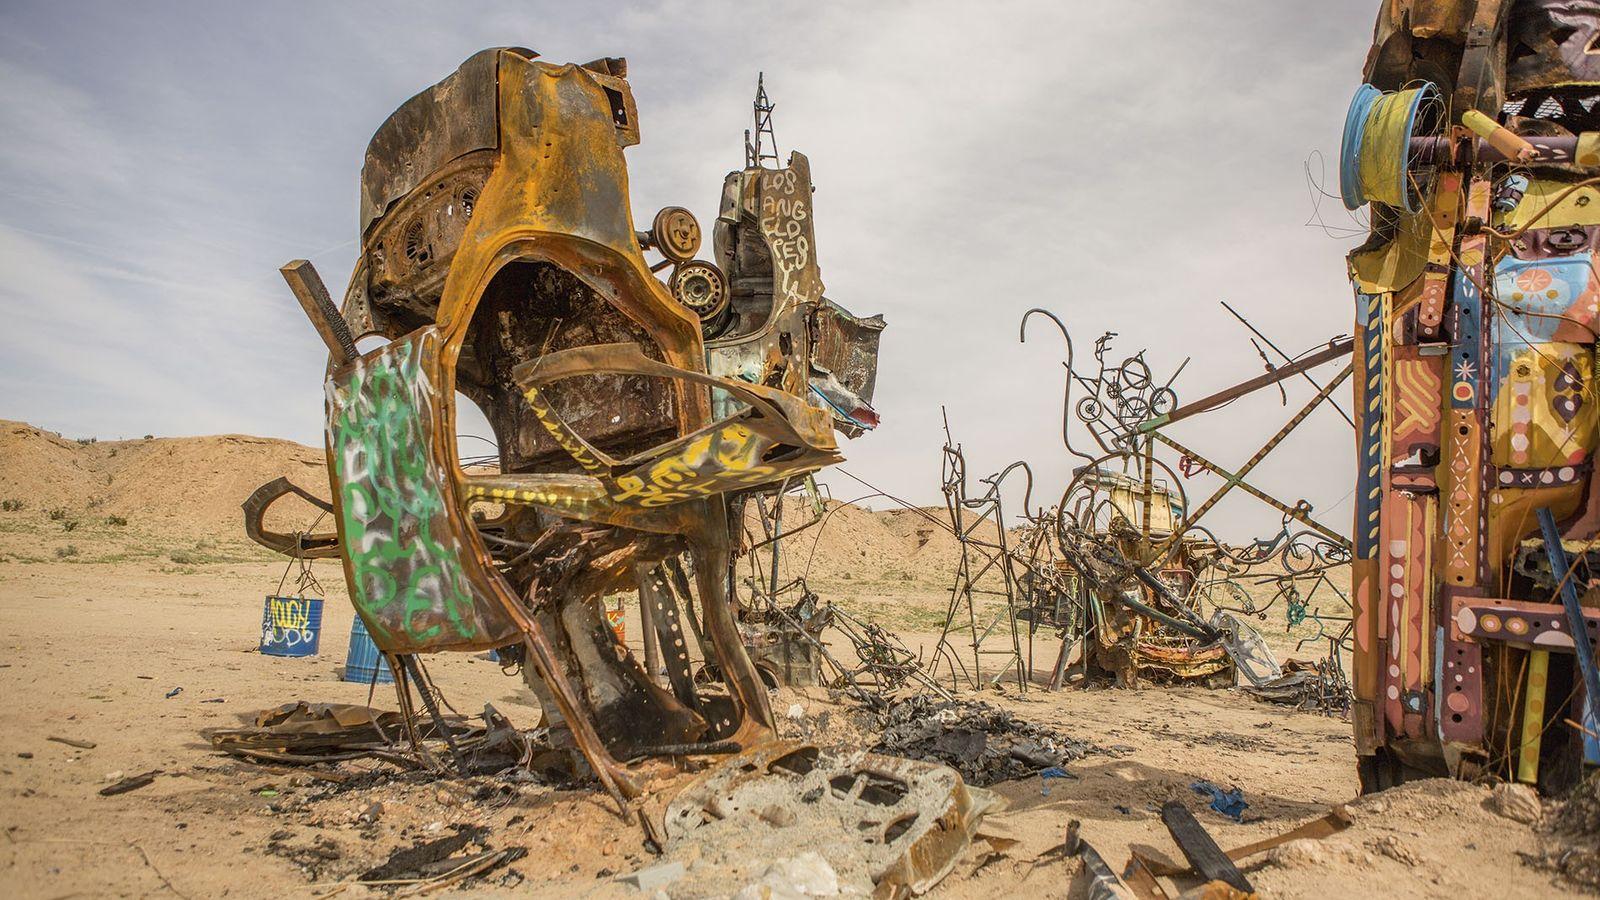 Modern art in California desert